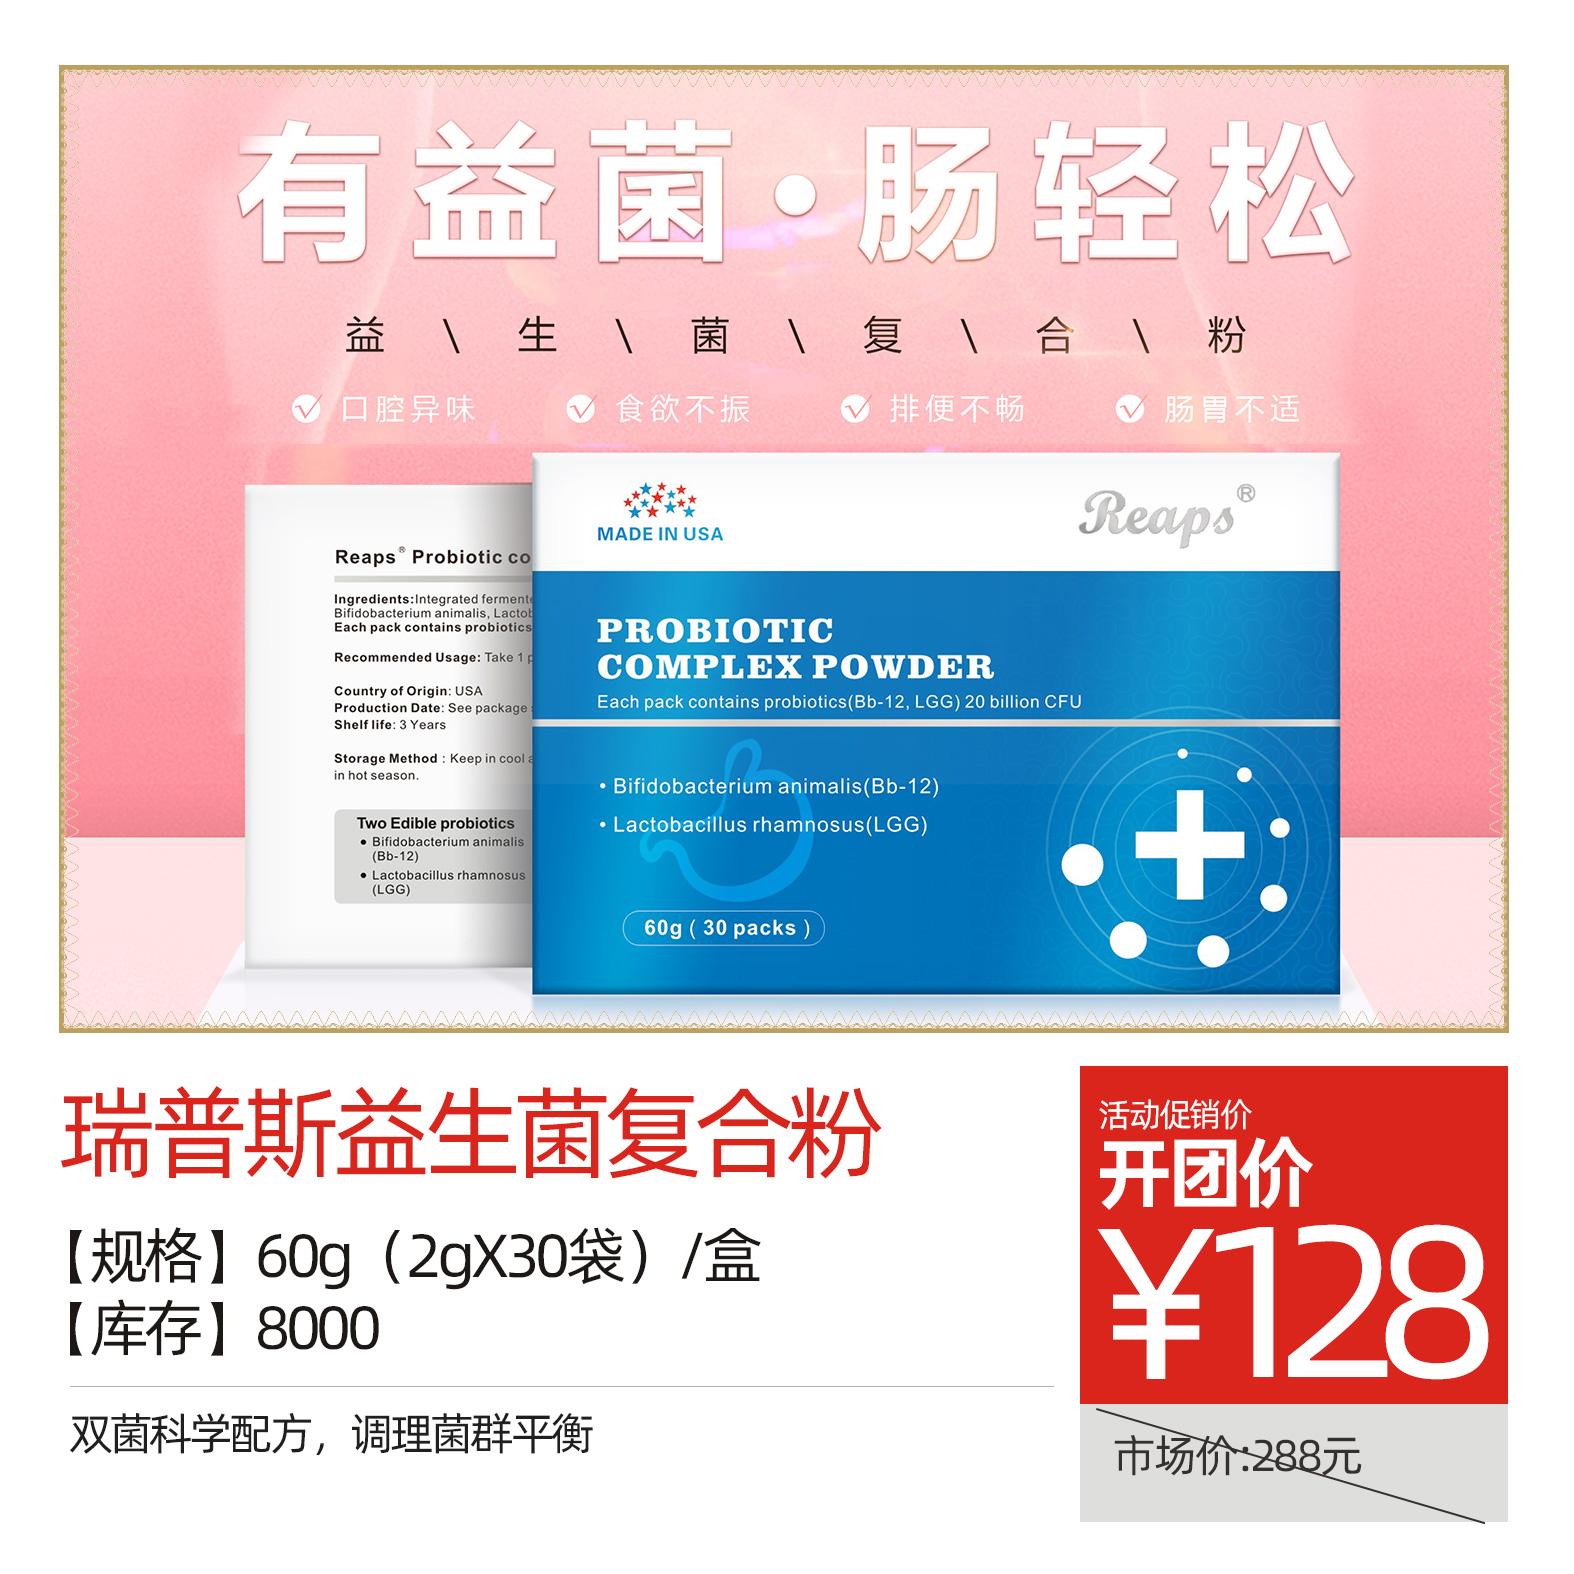 瑞普斯益生菌复合粉60g(2gX30袋)/盒